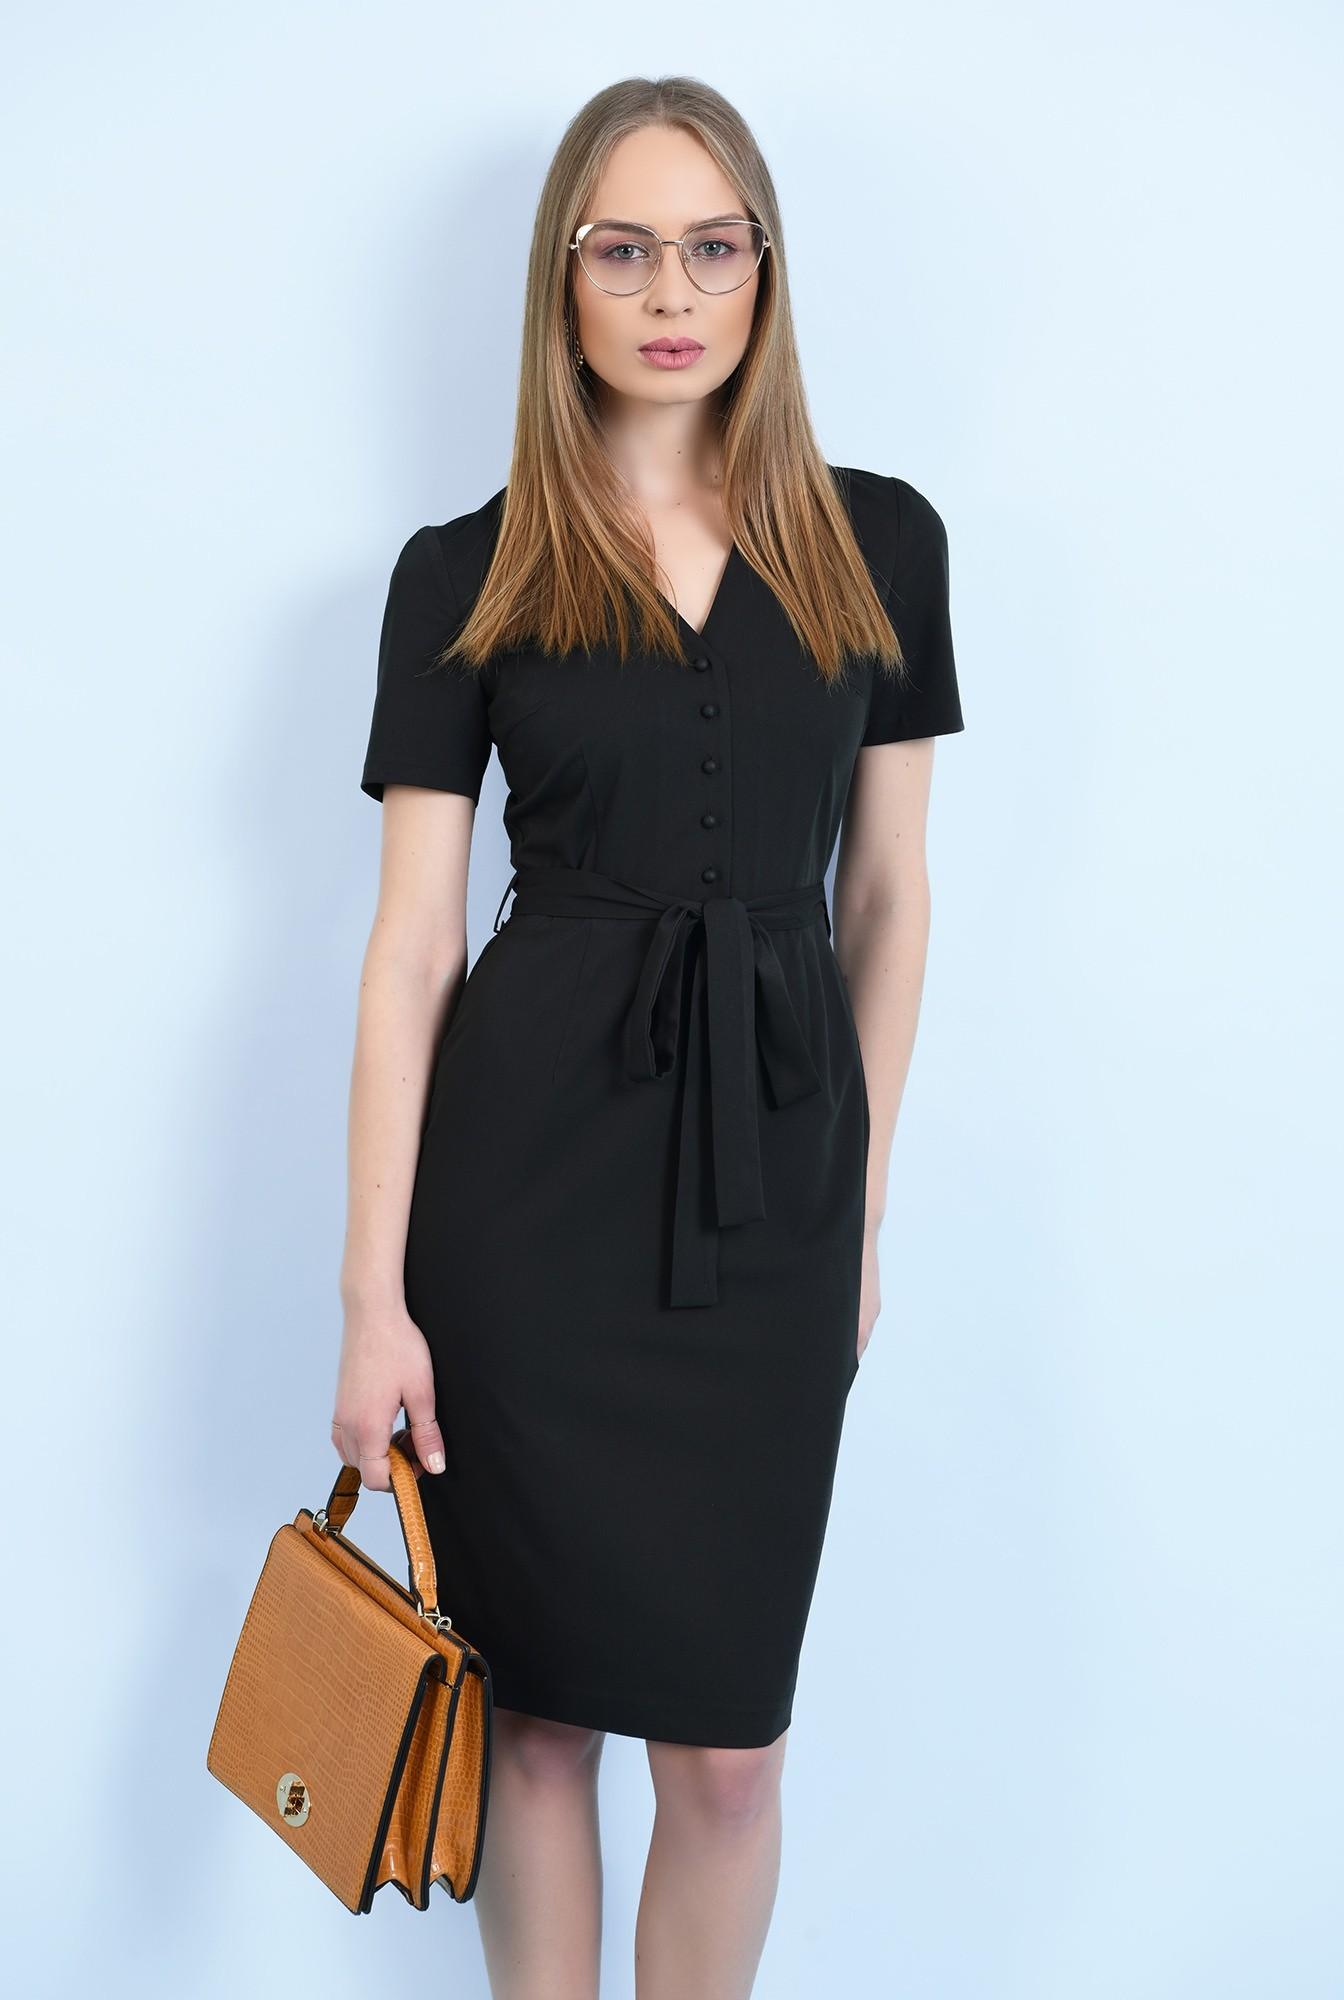 0 - rochie neagra, midi, conica, cu nasturi, cu cordon, rochie de birou